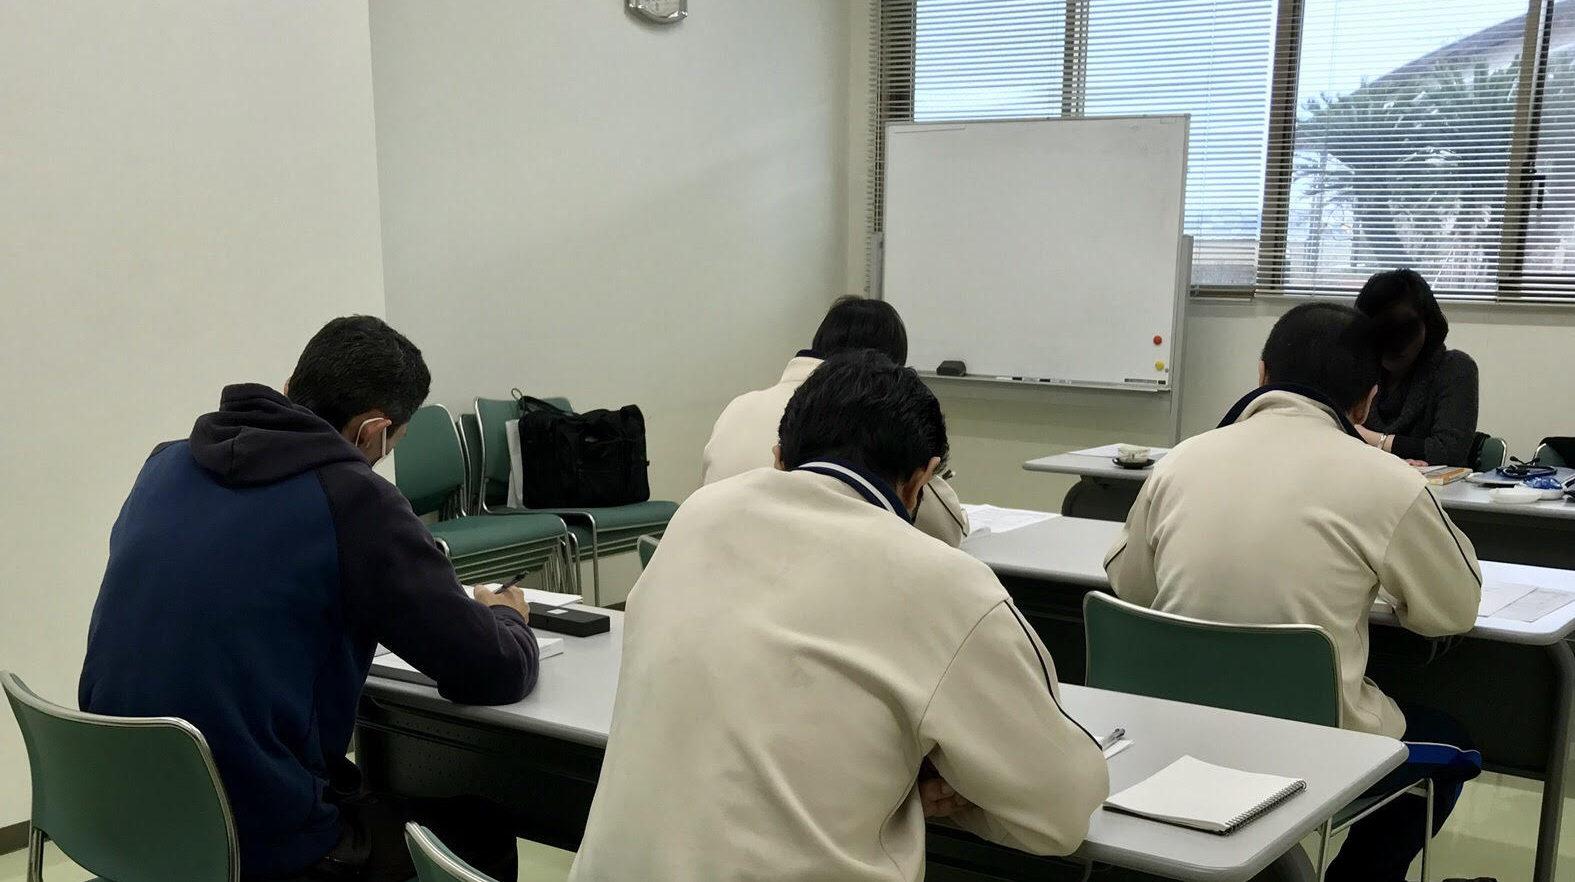 福岡県大川市 特別養護老人ホーム様